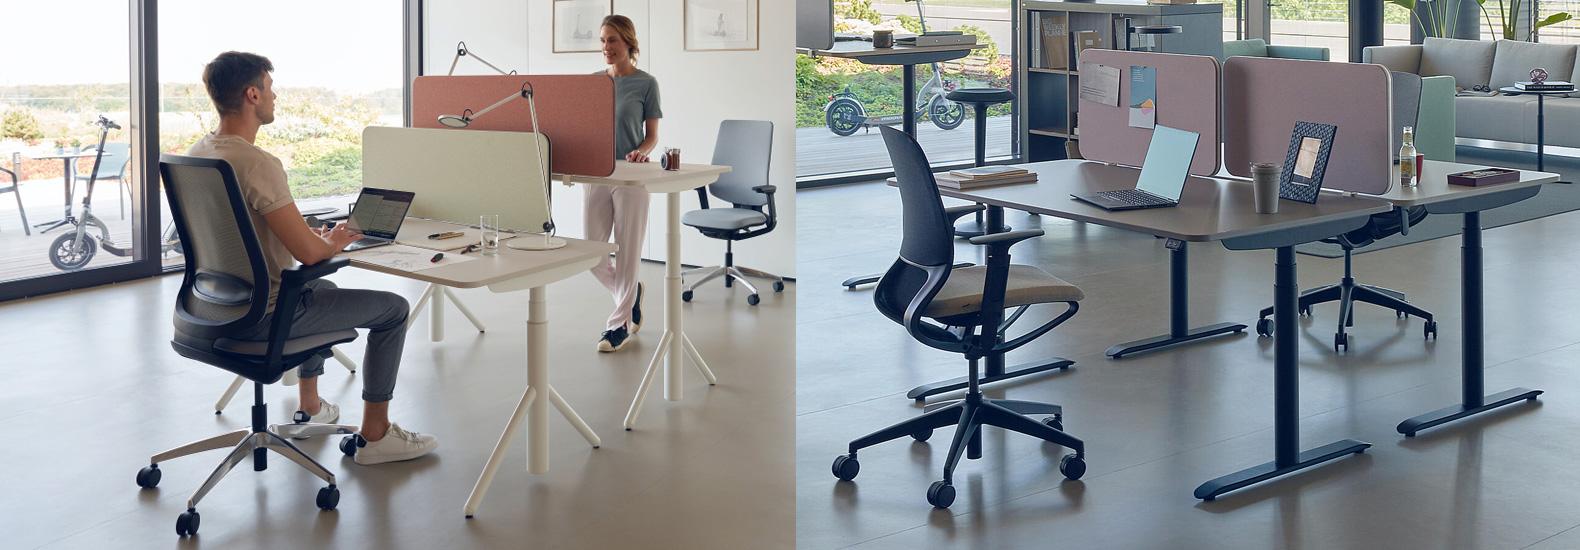 Sedus se:lab e-desk und se:lab a-desk. Konfigurieren Sie Ihren Tisch von Sedus Systems bei office & objekt 42 für Ihr individuelles Büro.